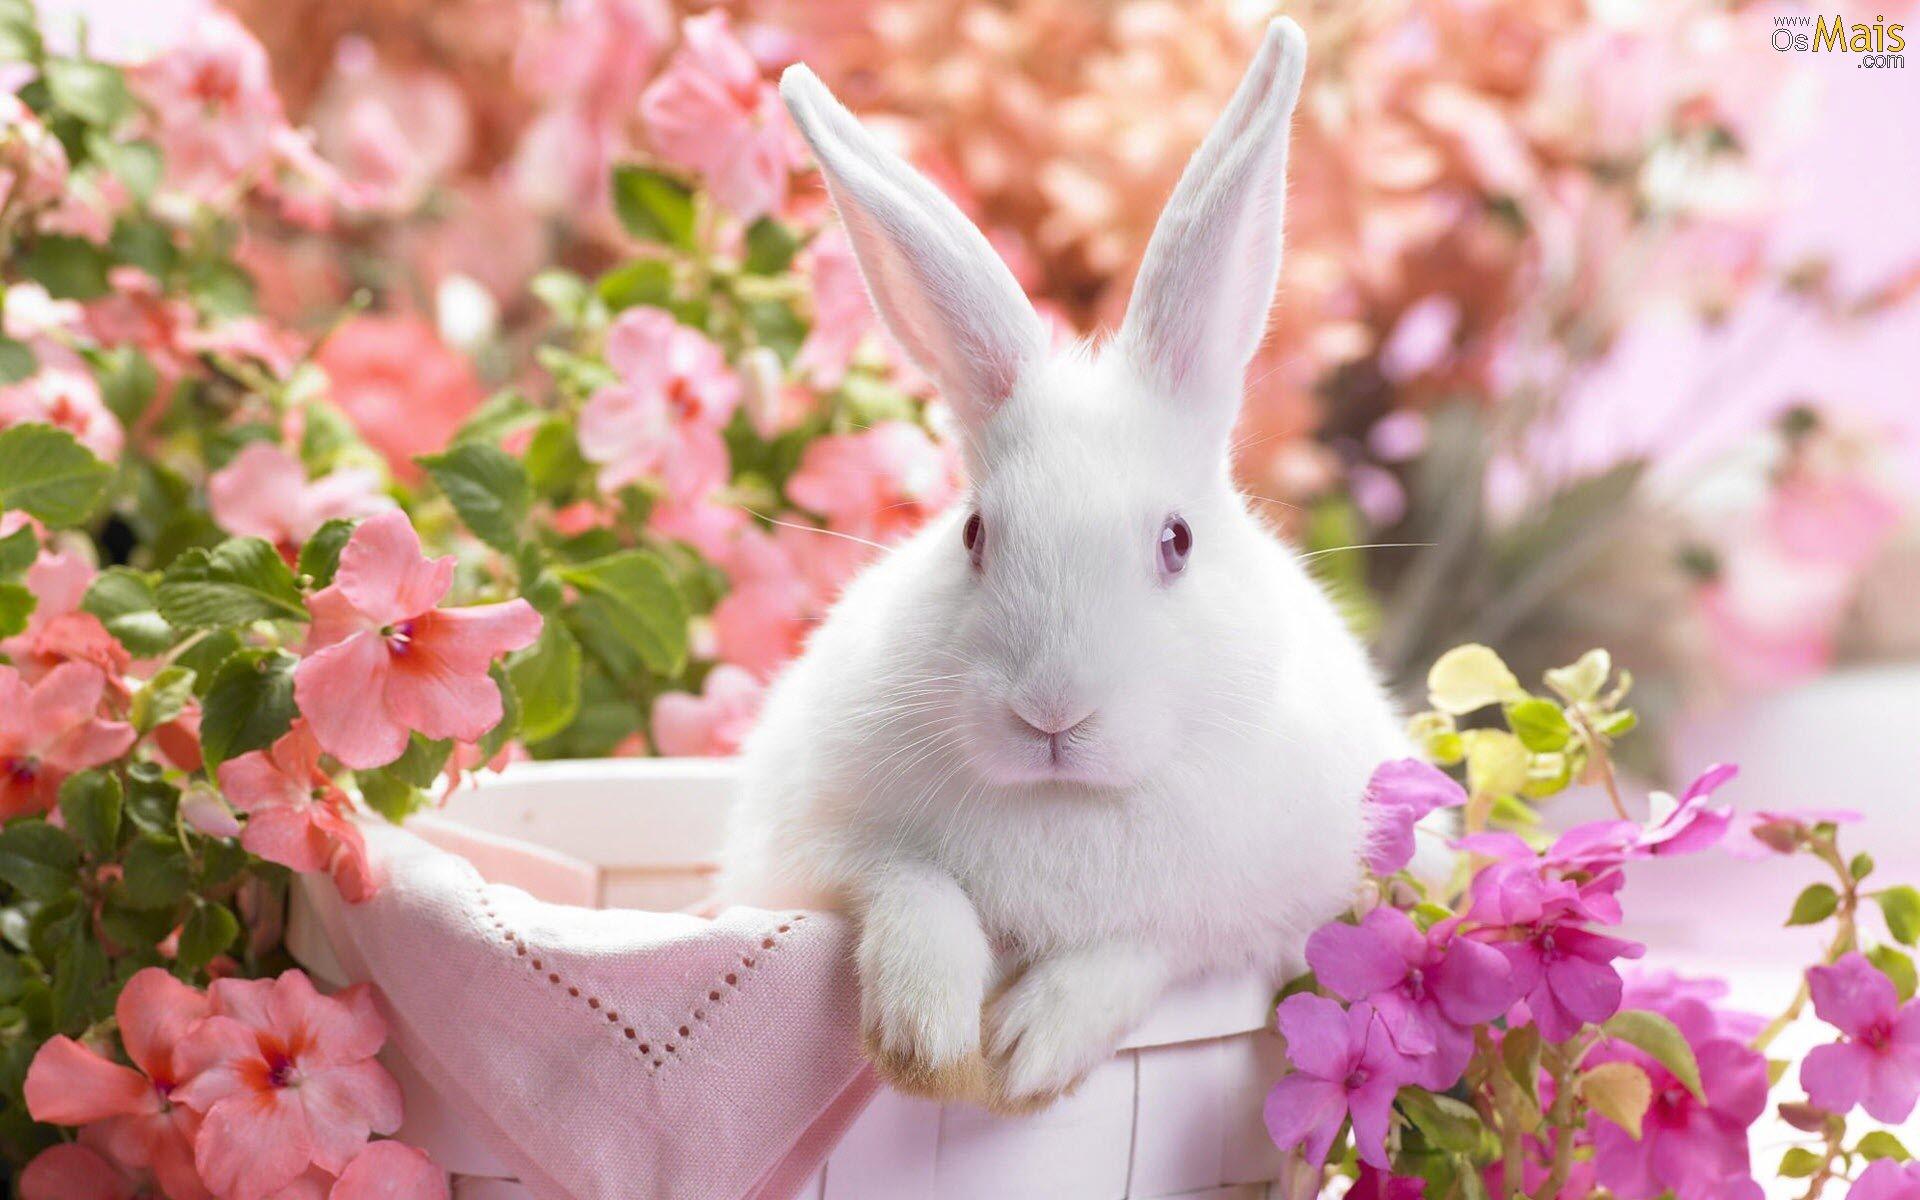 Coelhinho da Páscoa, que trazes para mim?